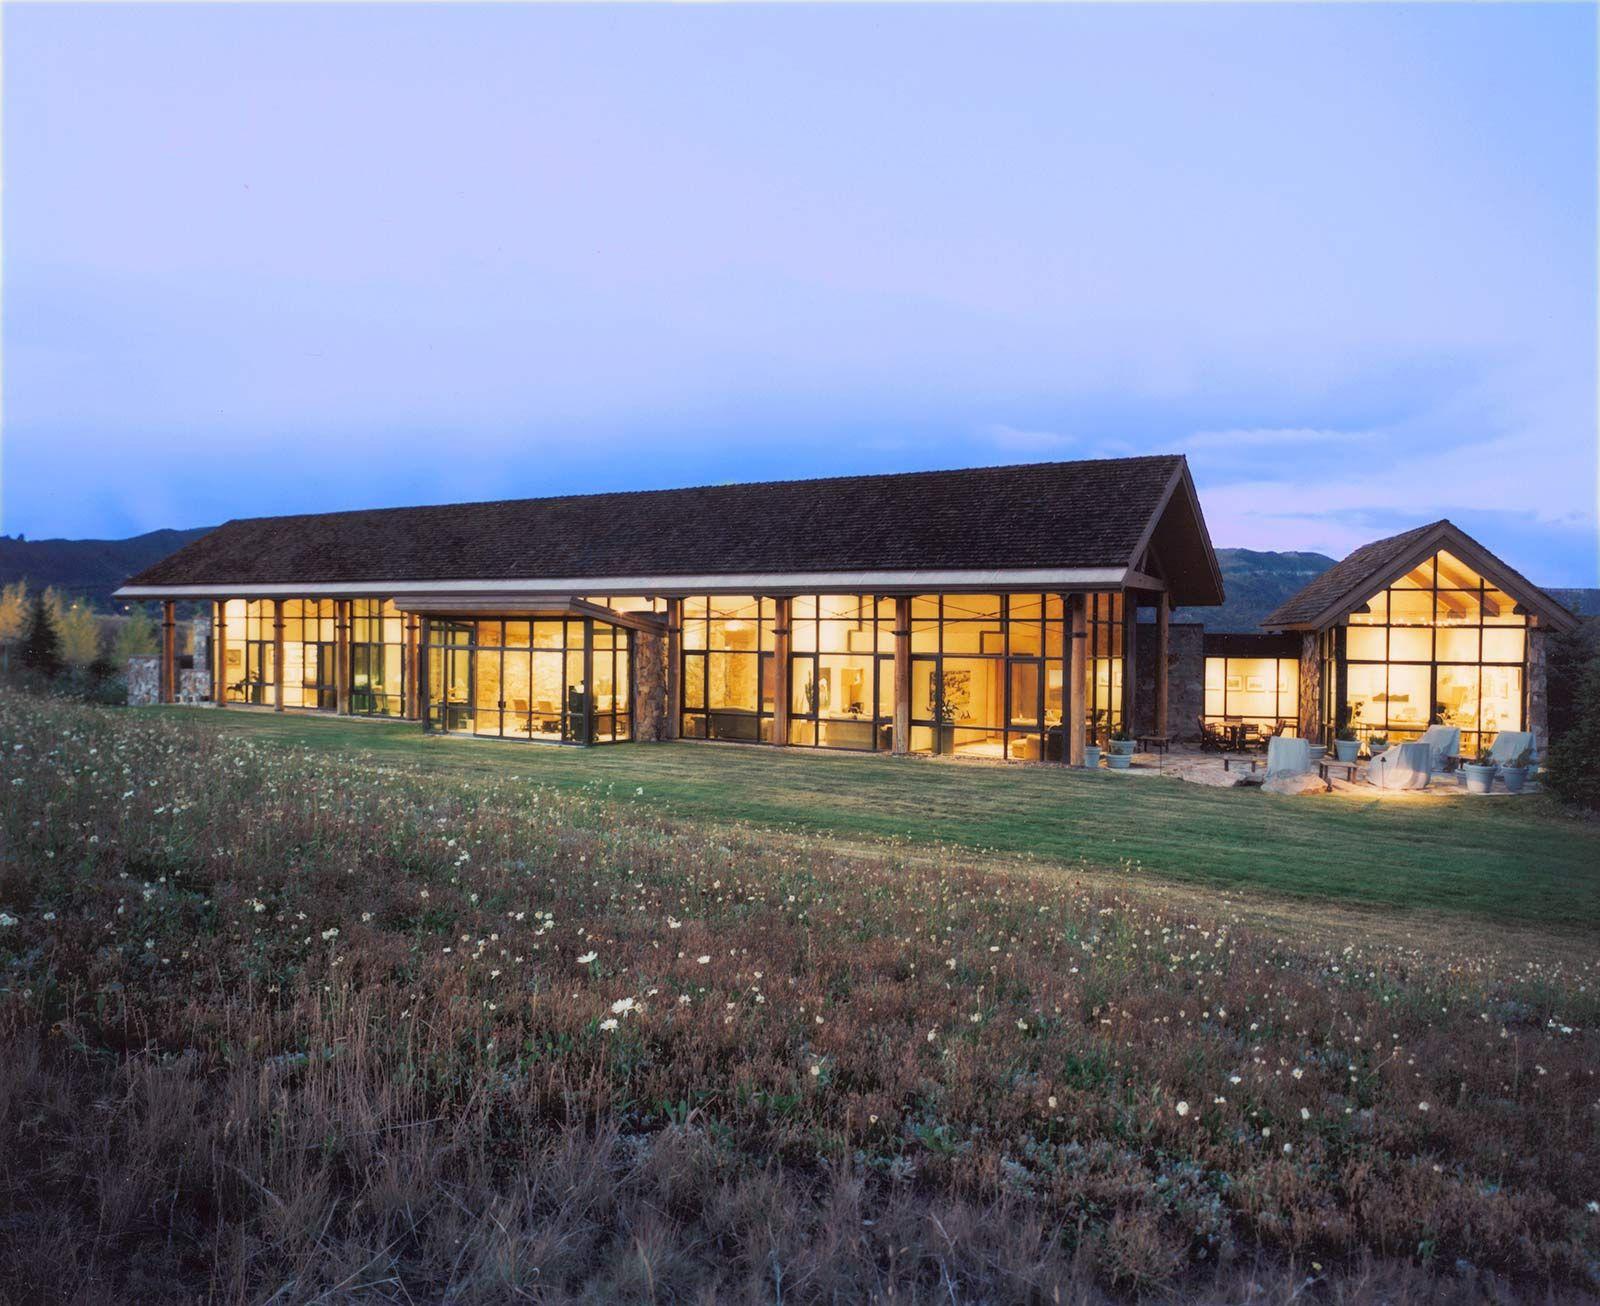 Poss Architecture | Aspen, Colorado Architects U0026 Interior Design Firm